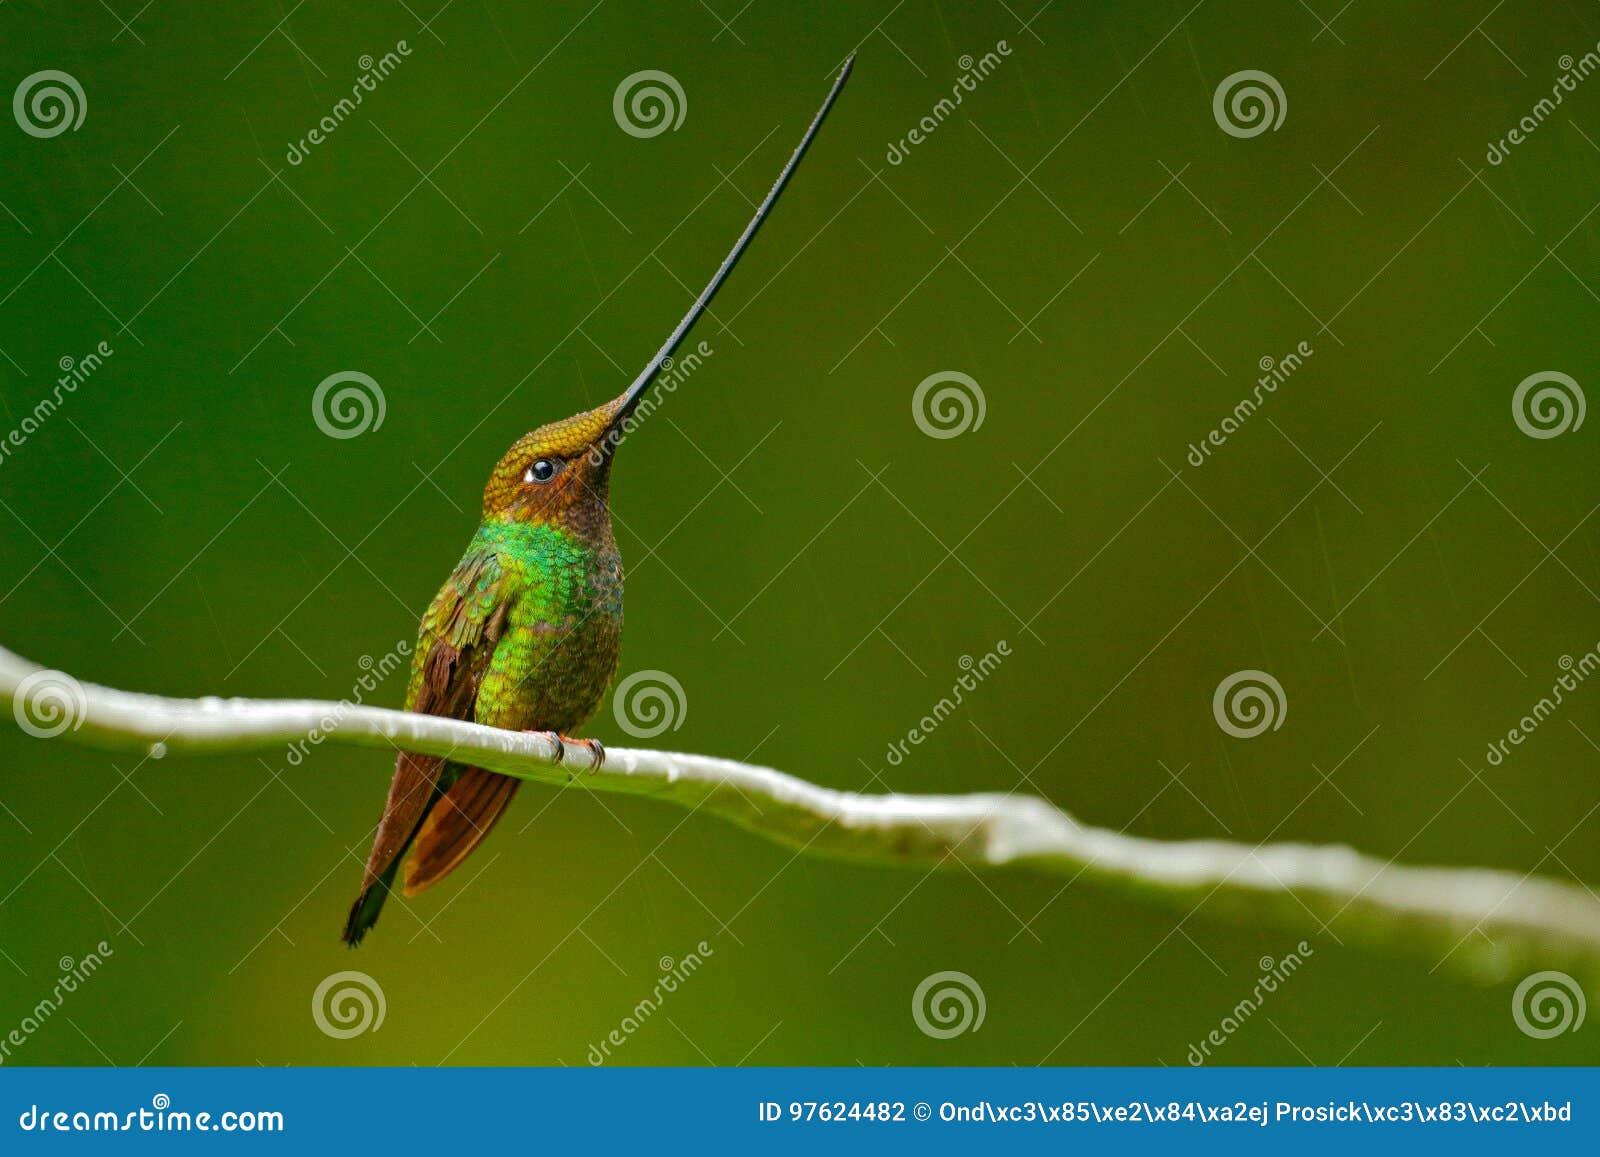 Uccello con il becco più lungo colibrì Spada-fatturato, ensifera di Ensifera, uccello con la fattura più lunga incredibile, habit